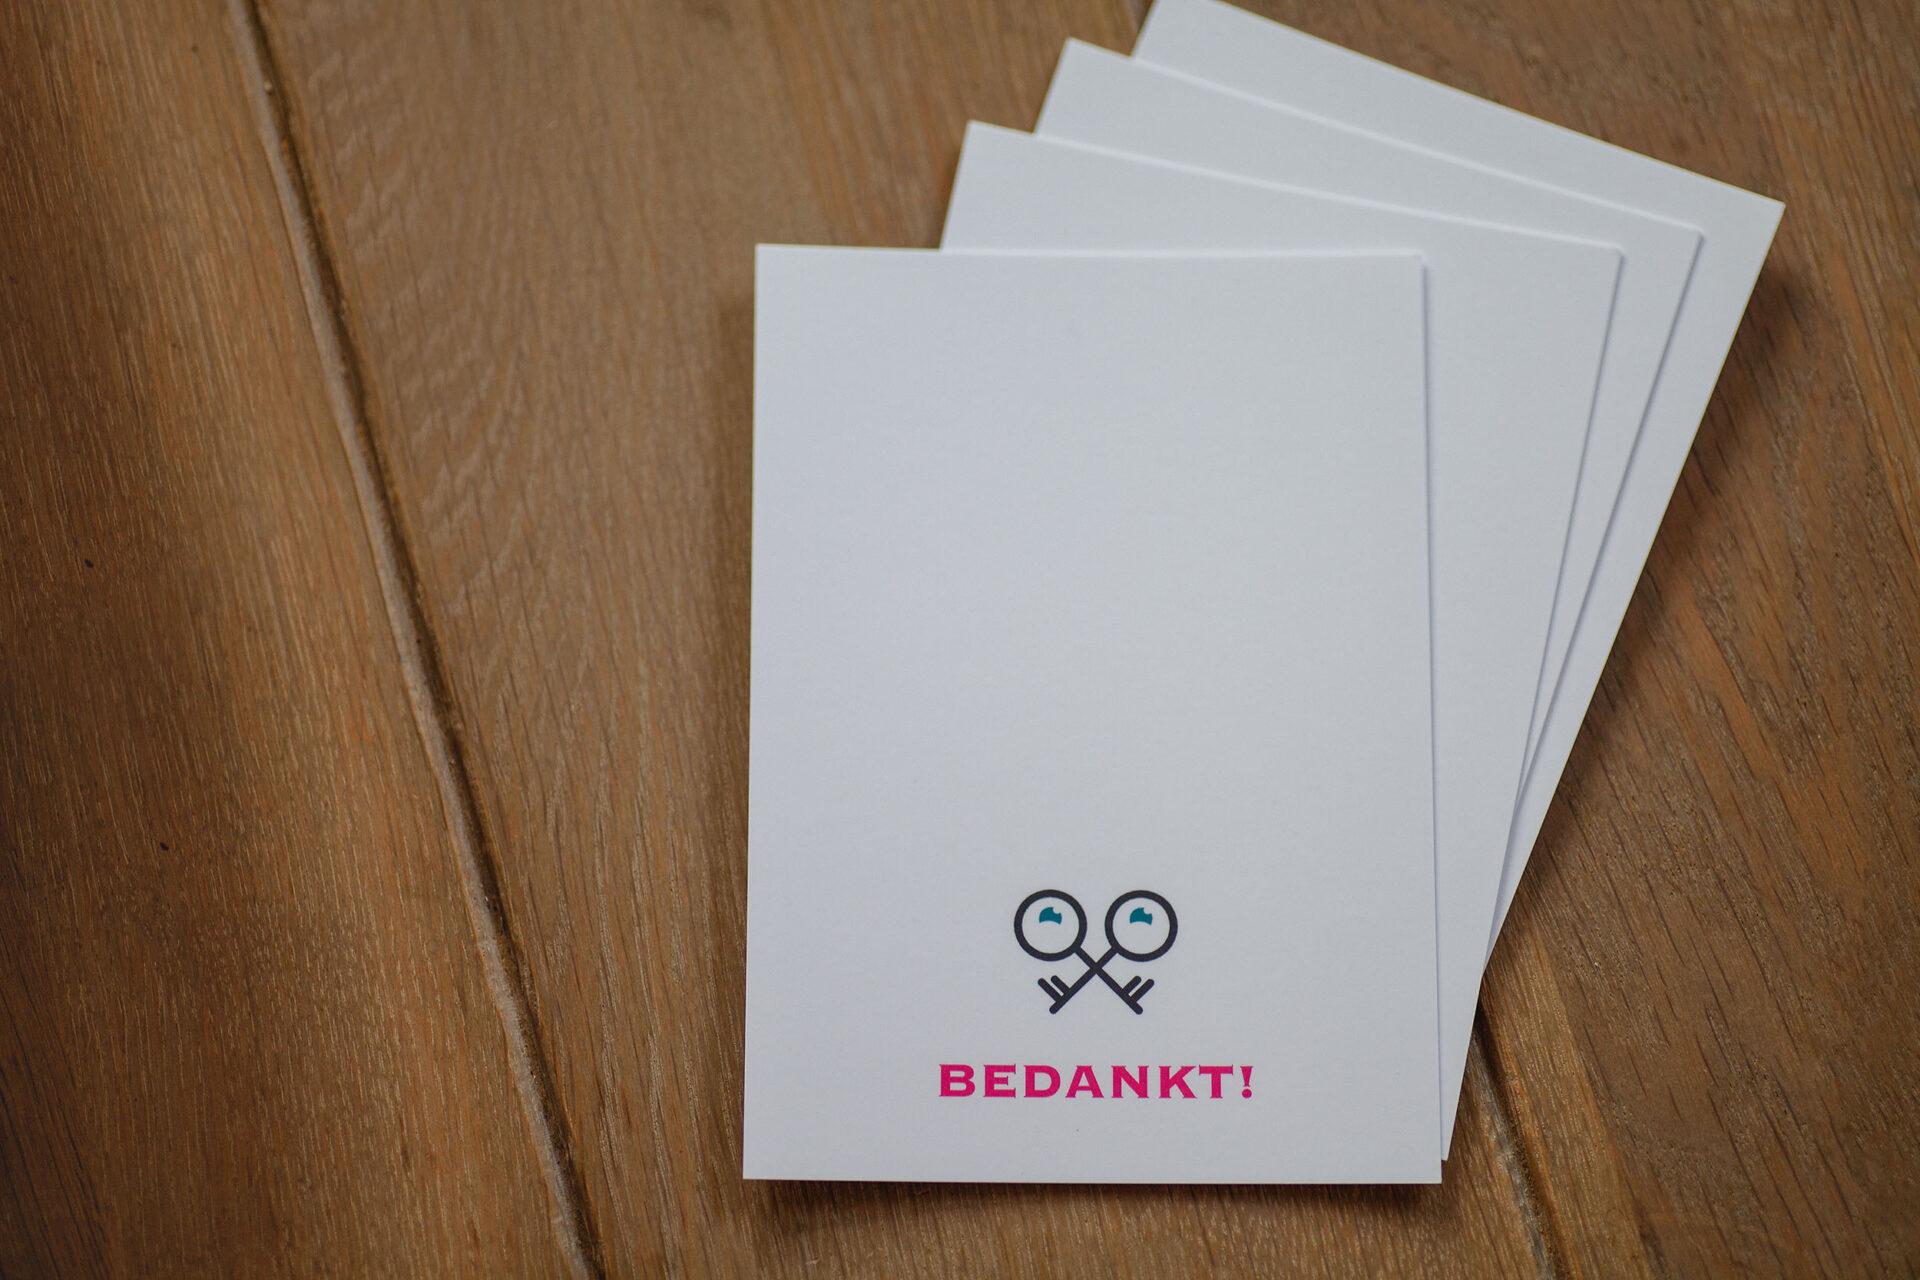 ontwerp groetenkaarten